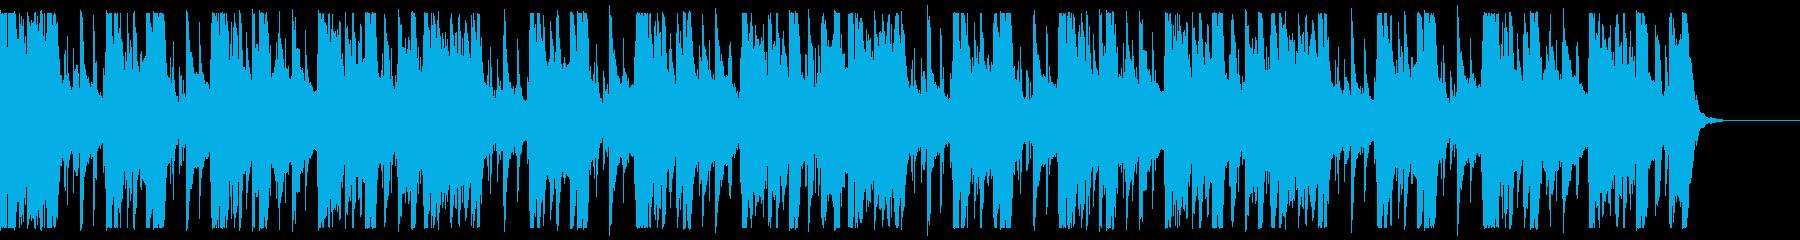 キラキラ/ローファイ_No593_5の再生済みの波形